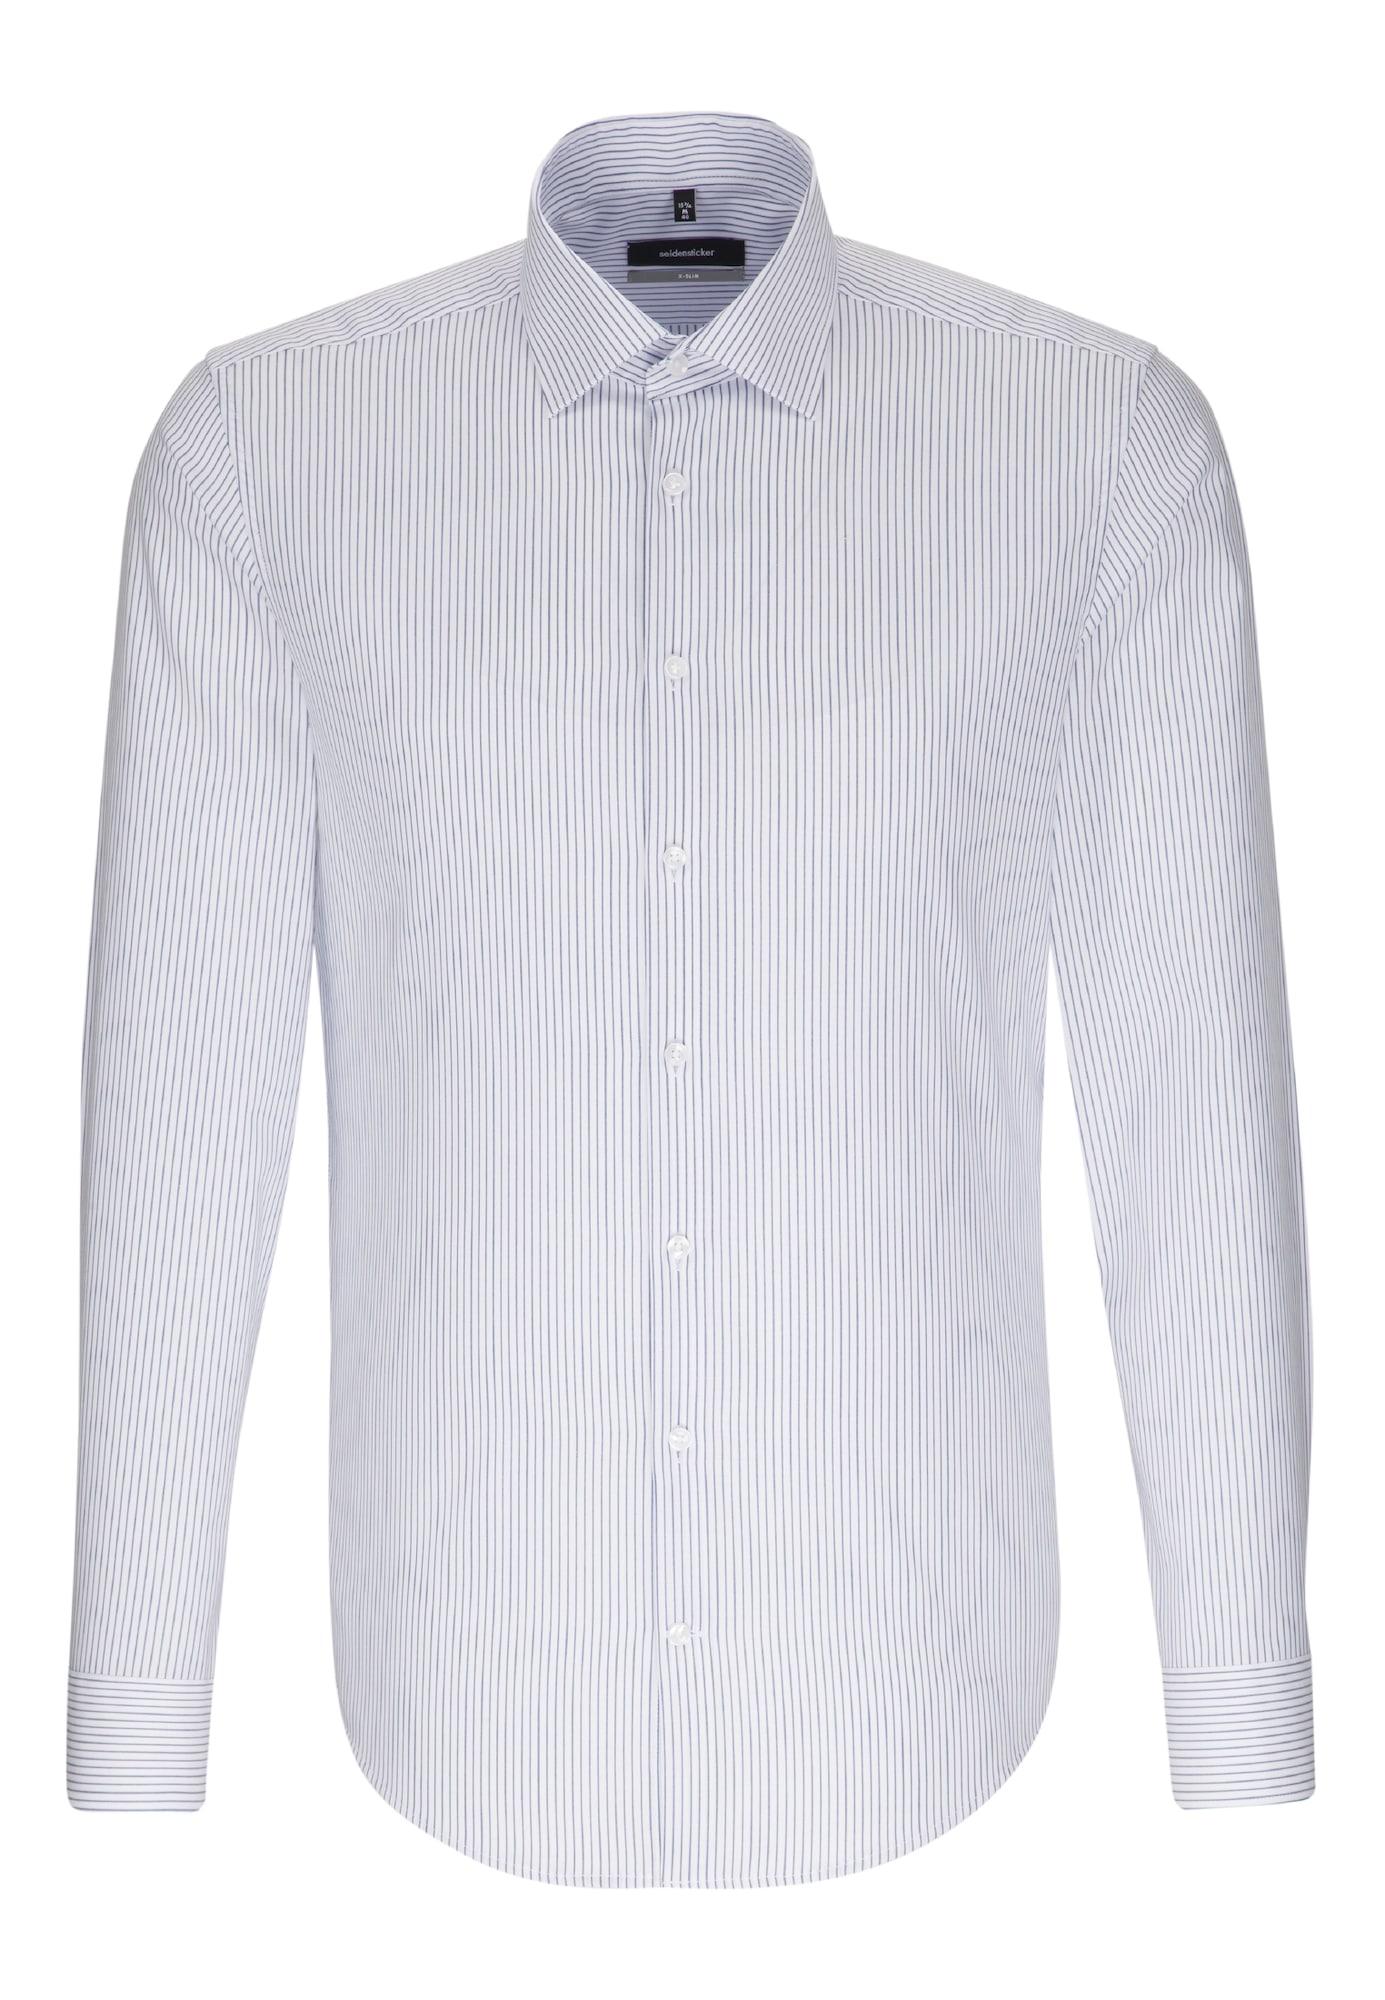 SEIDENSTICKER Herren Business Hemd X-Slim blau,weiß | 04048869456930